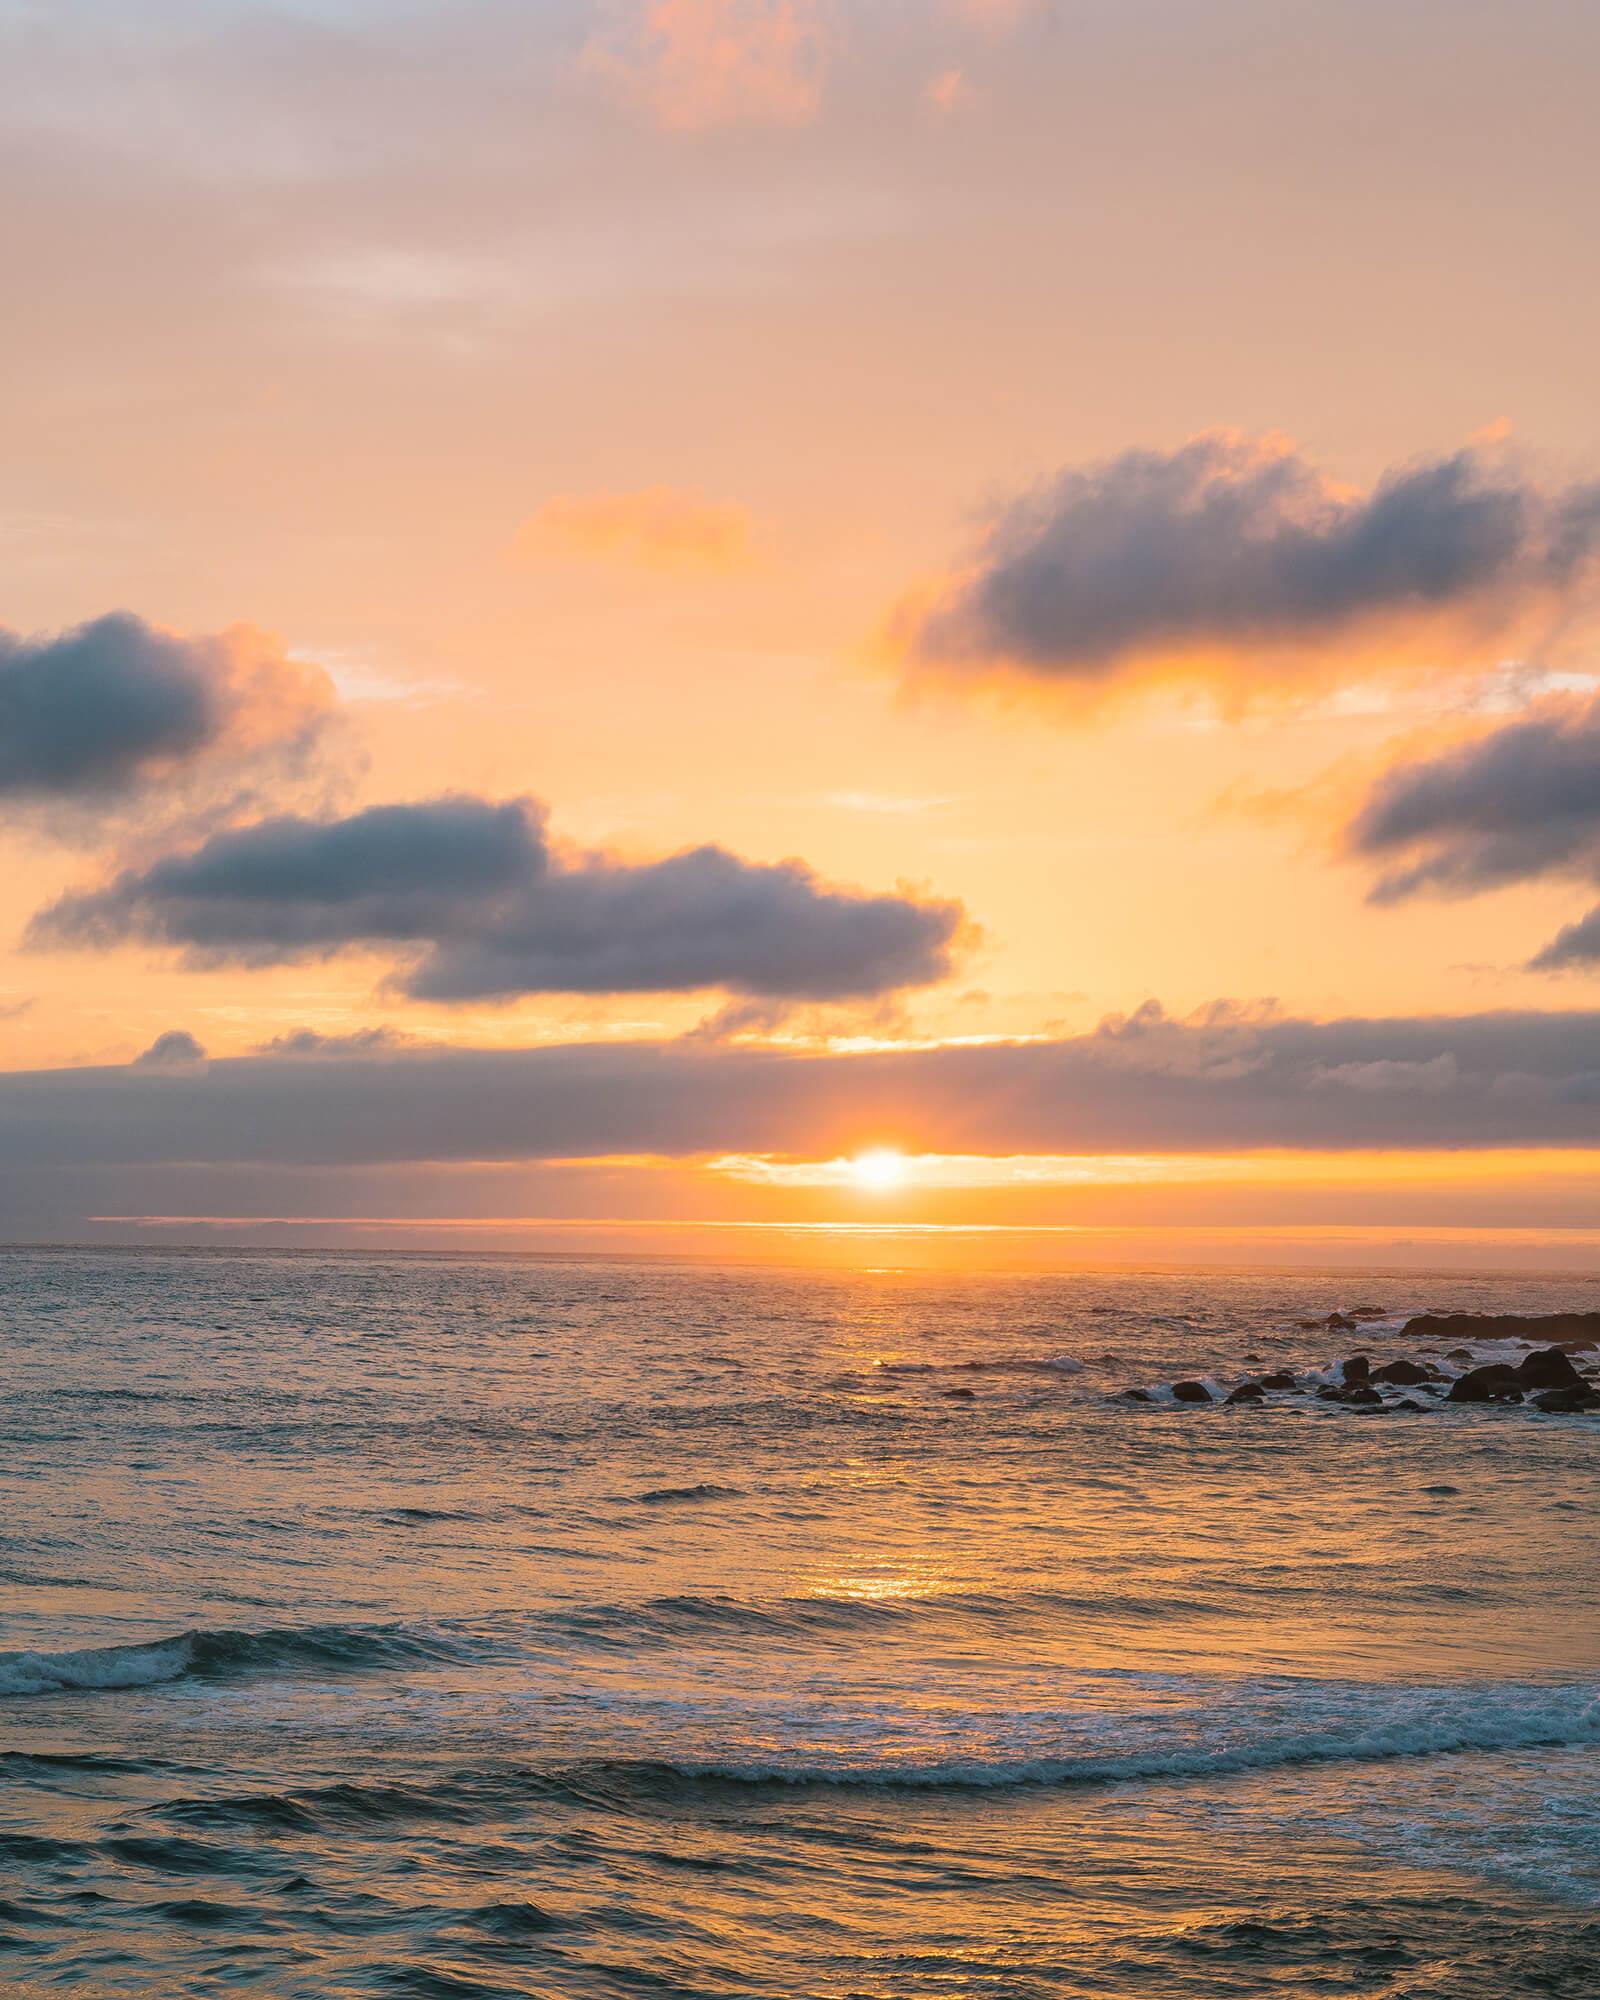 屋久島のリズム、ほっと一息だった夕暮れ時 #屋久島海とジュエリーと